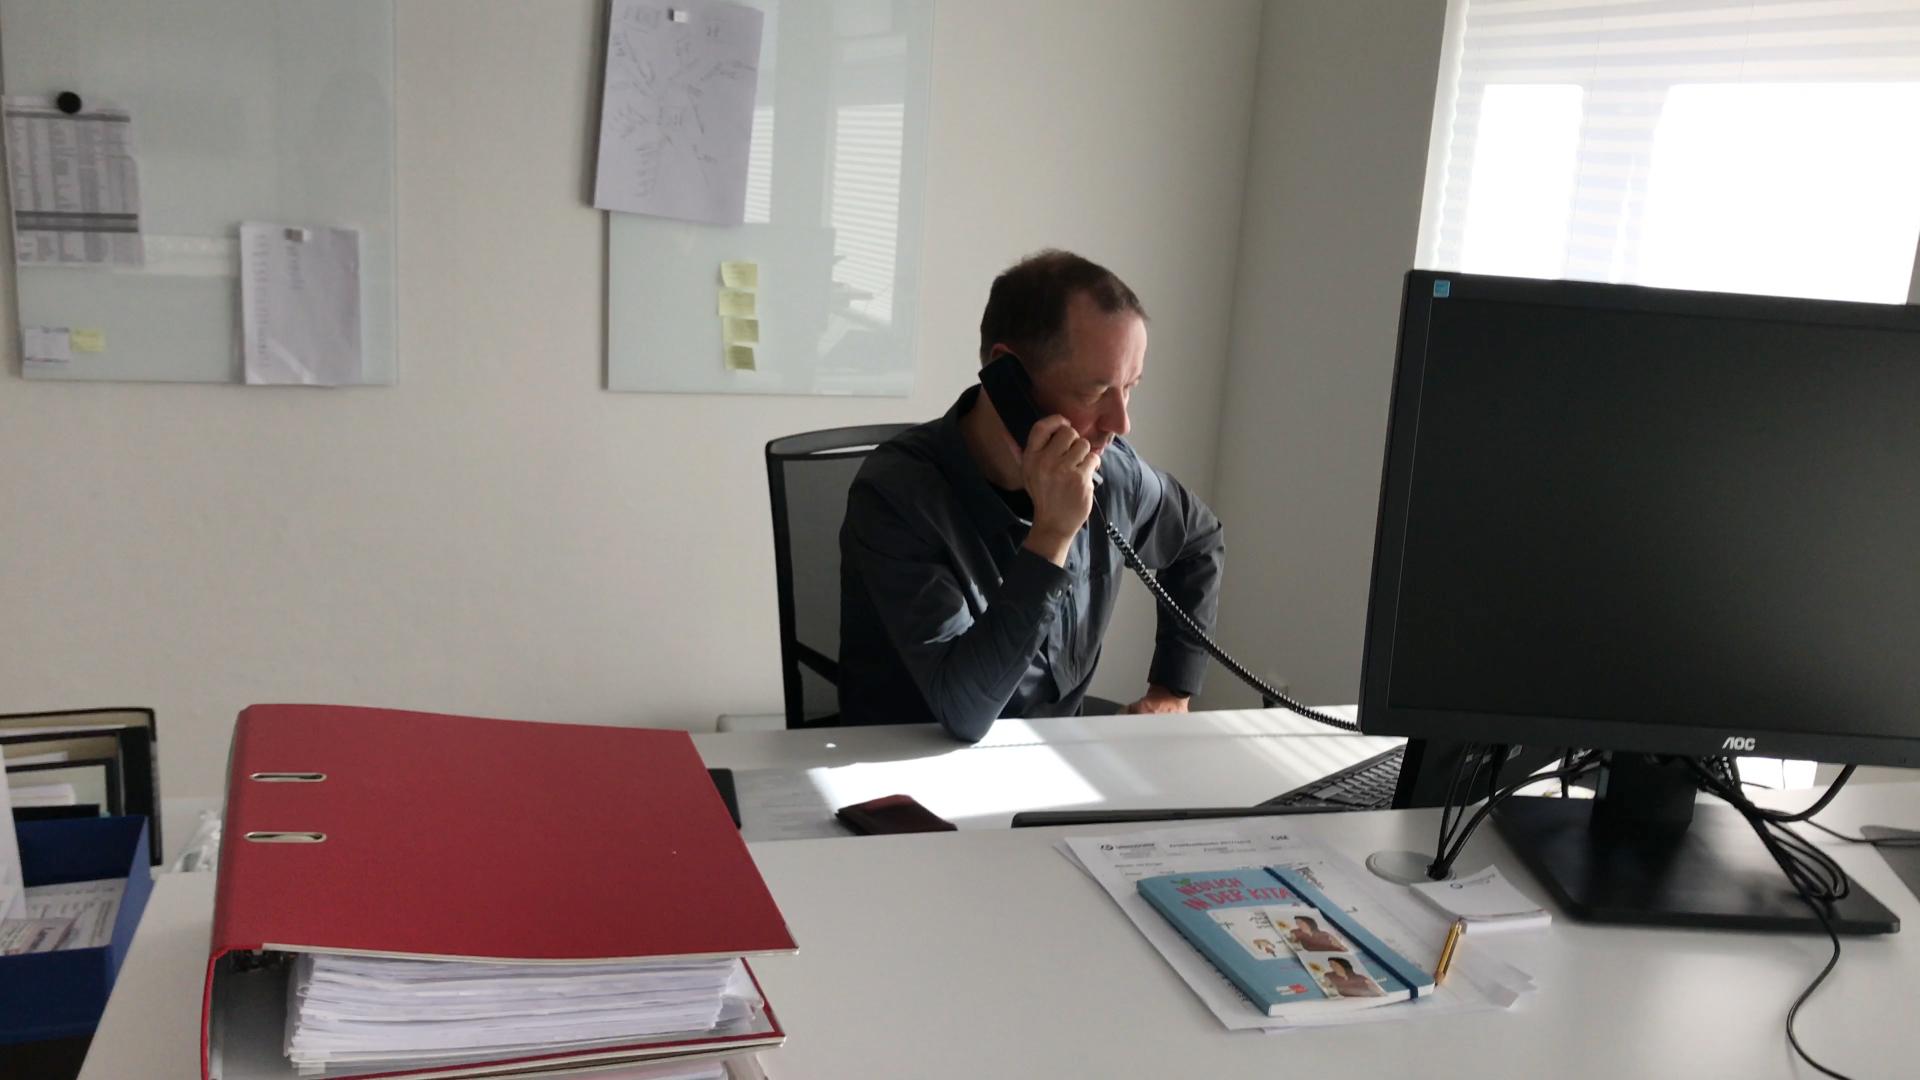 Statt Kita-Beratung, Verordnungen lesen und Telefon-Konferenz: Bernd Mirbach erarbeitete in kurzer Zeit ein Corona-Hygienekonzept für die Interdisziplinäre Frühförderstelle in Abstimmung mit dem Staatsministerium und dem Team der Frühförerung.